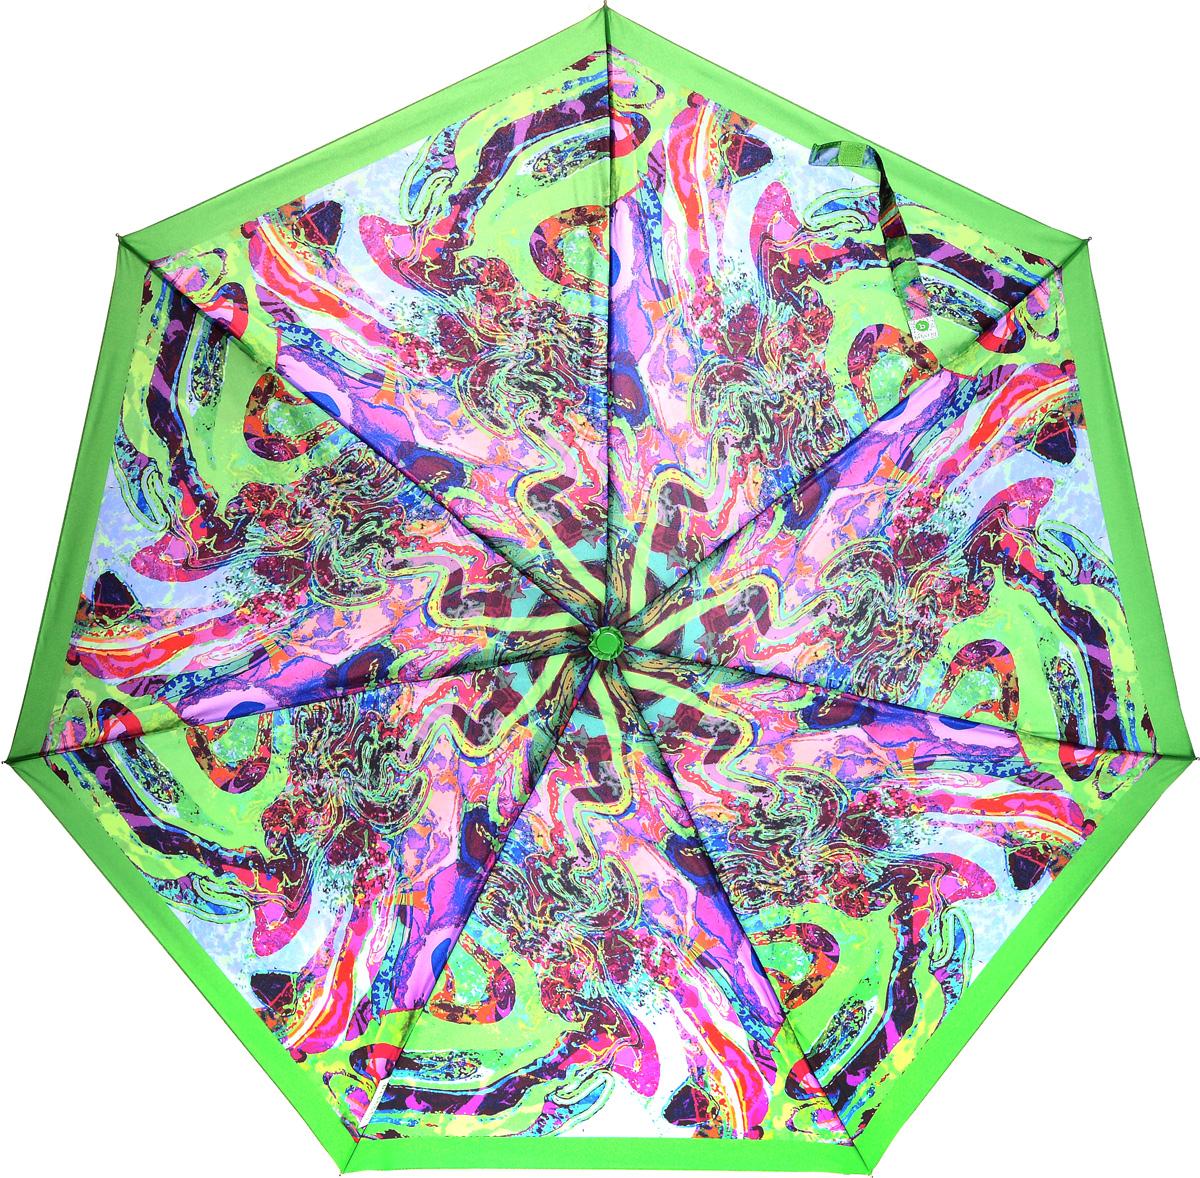 Bisetti 35153-2 Зонт полный автом. 3 сл. жен.35153-2Зонт испанского производителя Clima. В производстве зонтов используются современные материалы, что делает зонты легкими, но в то же время крепкими.Полный автомат, 3 сложения, 8 спиц по 54см, полиэстер.